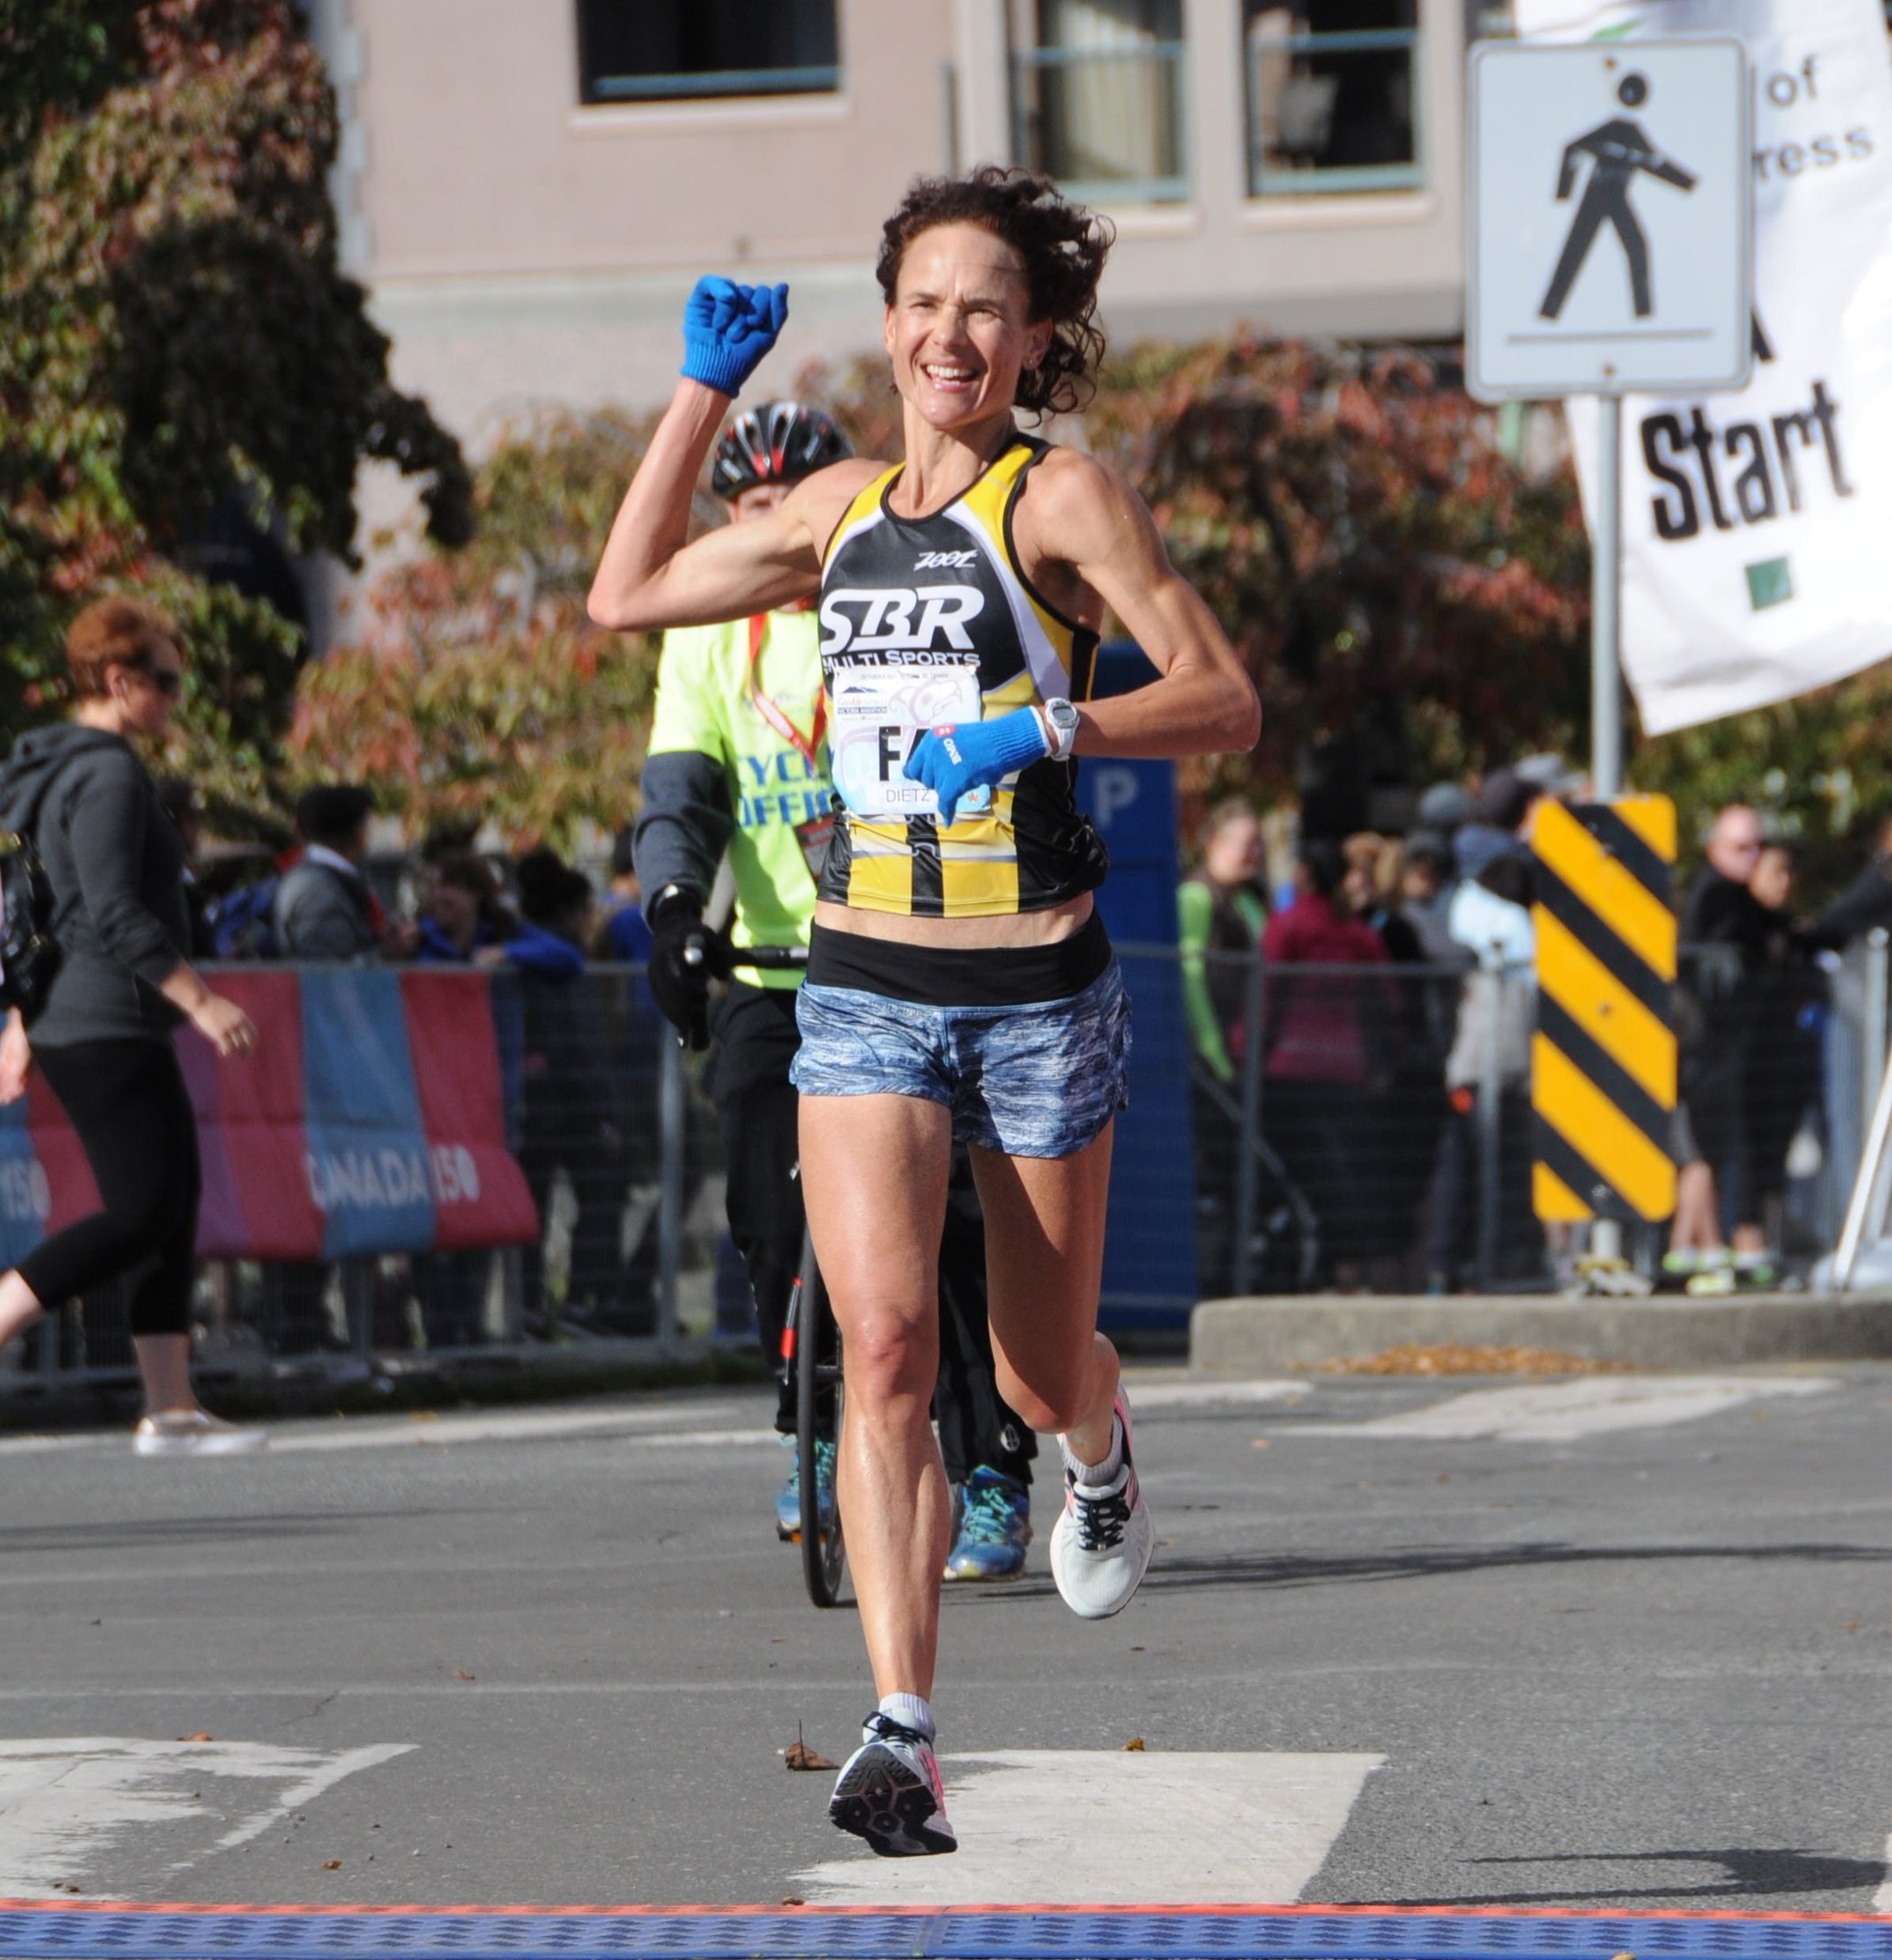 Margreet+Dietz+-+2017+Victoria+Marathon+2.jpg